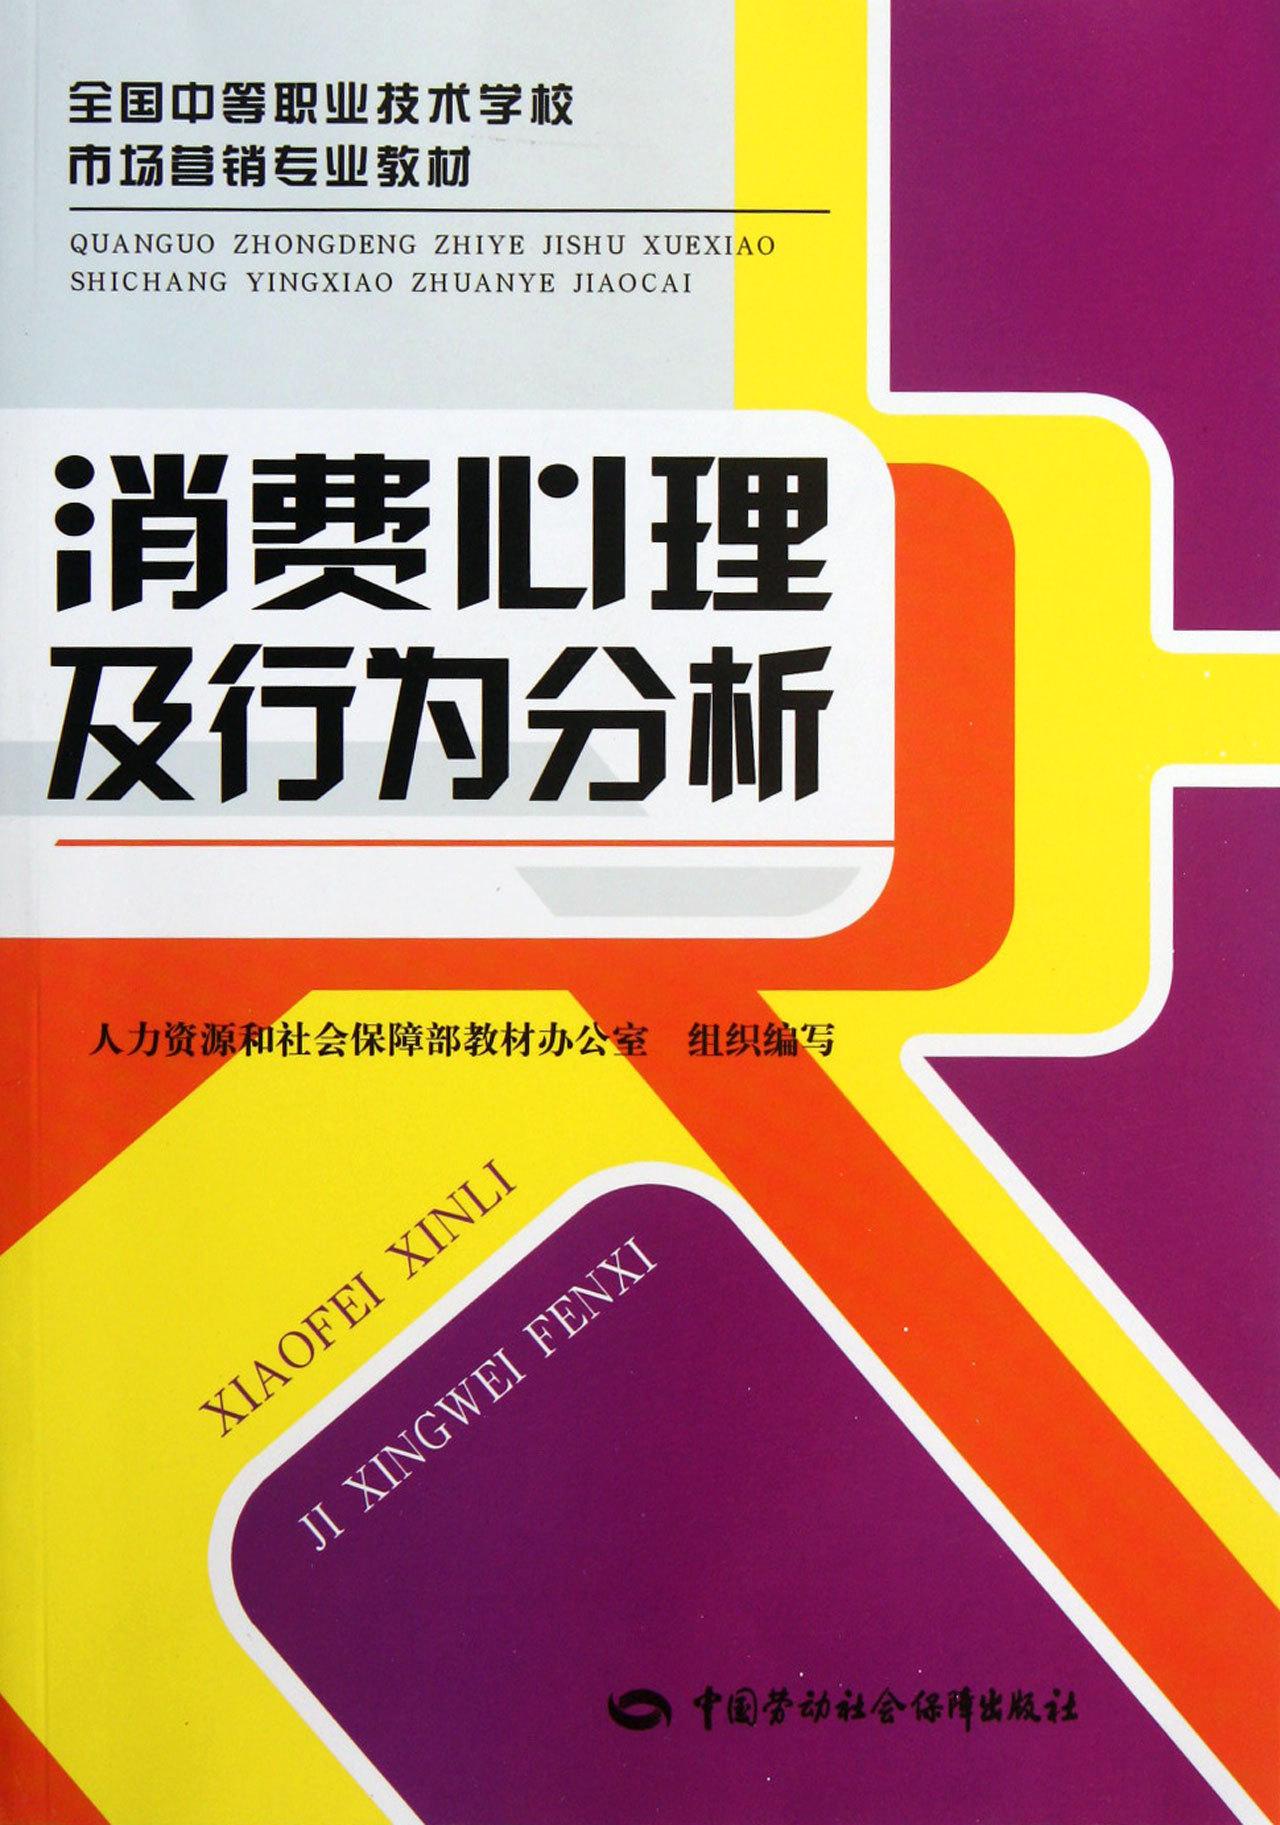 作者:王水清(作者, 编者), 杨扬(作者, 编者)    出版社:北京大学